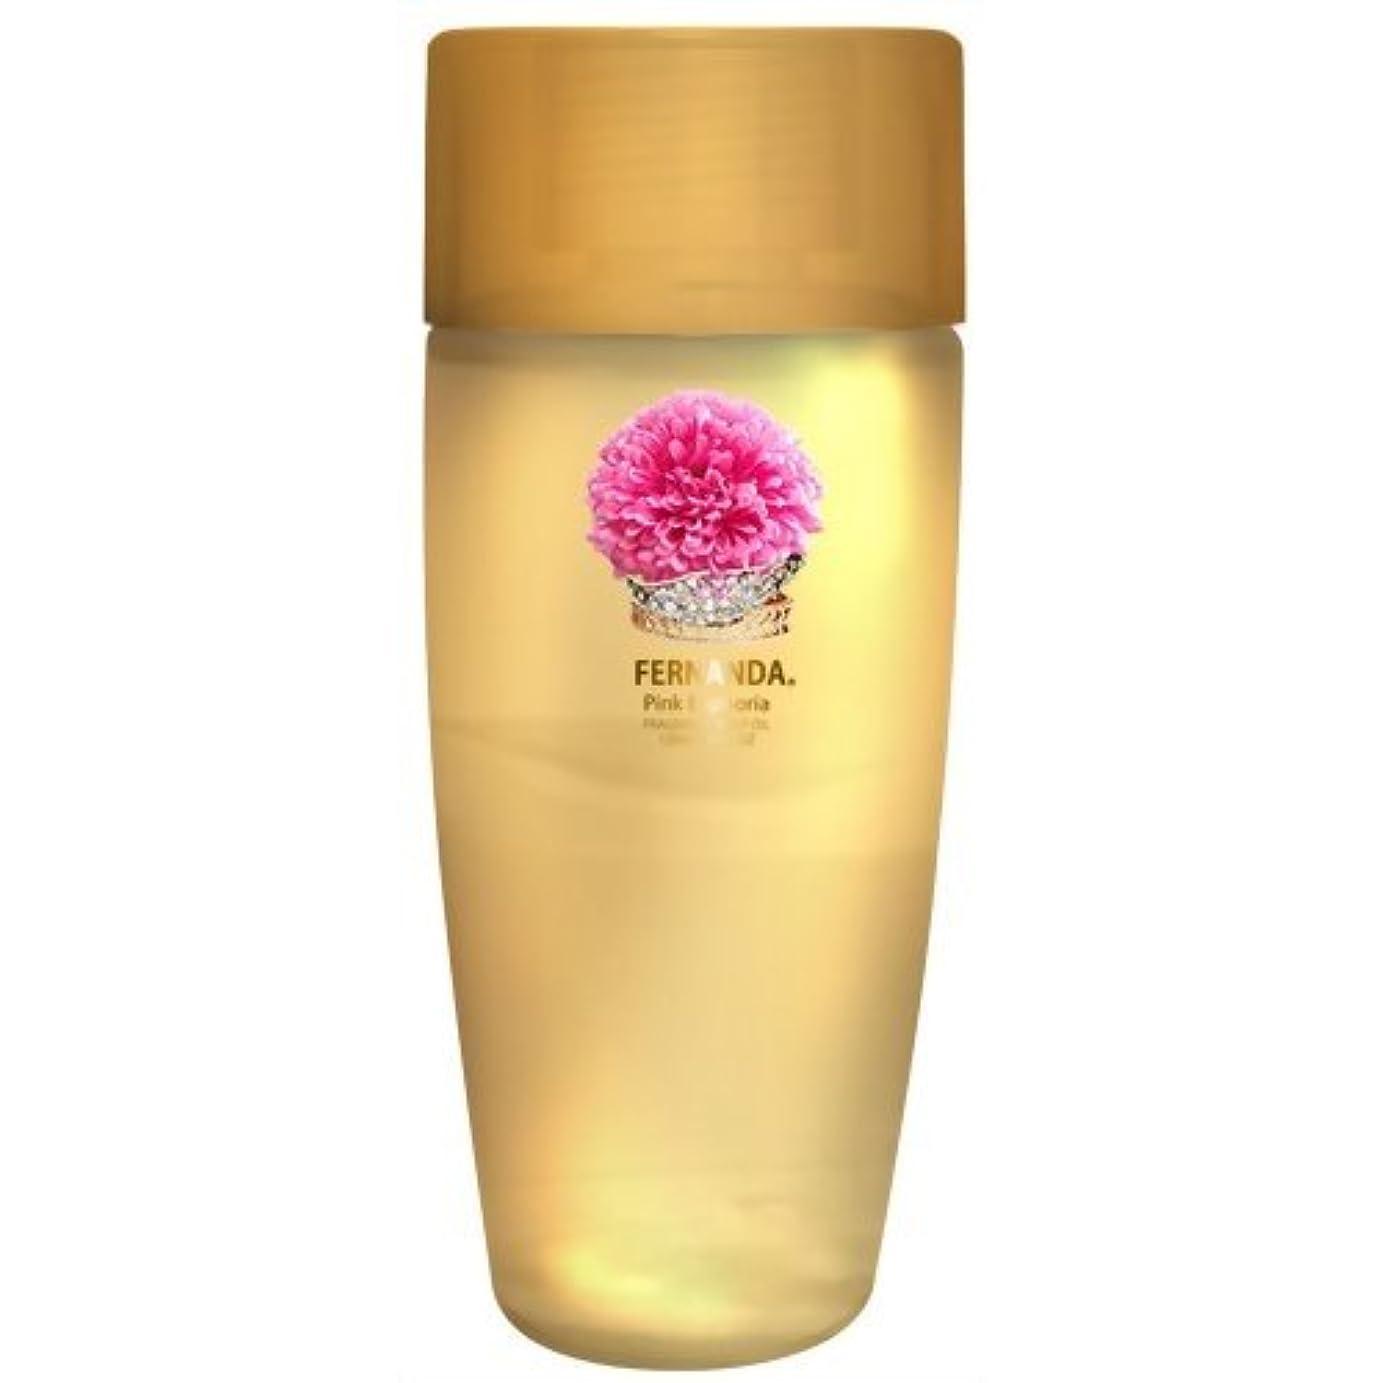 レキシコン偽物タブレットFERNANDA(フェルナンダ) Body Oil Pink Euphoria (ボディ オイル ピンクエウフォリア)